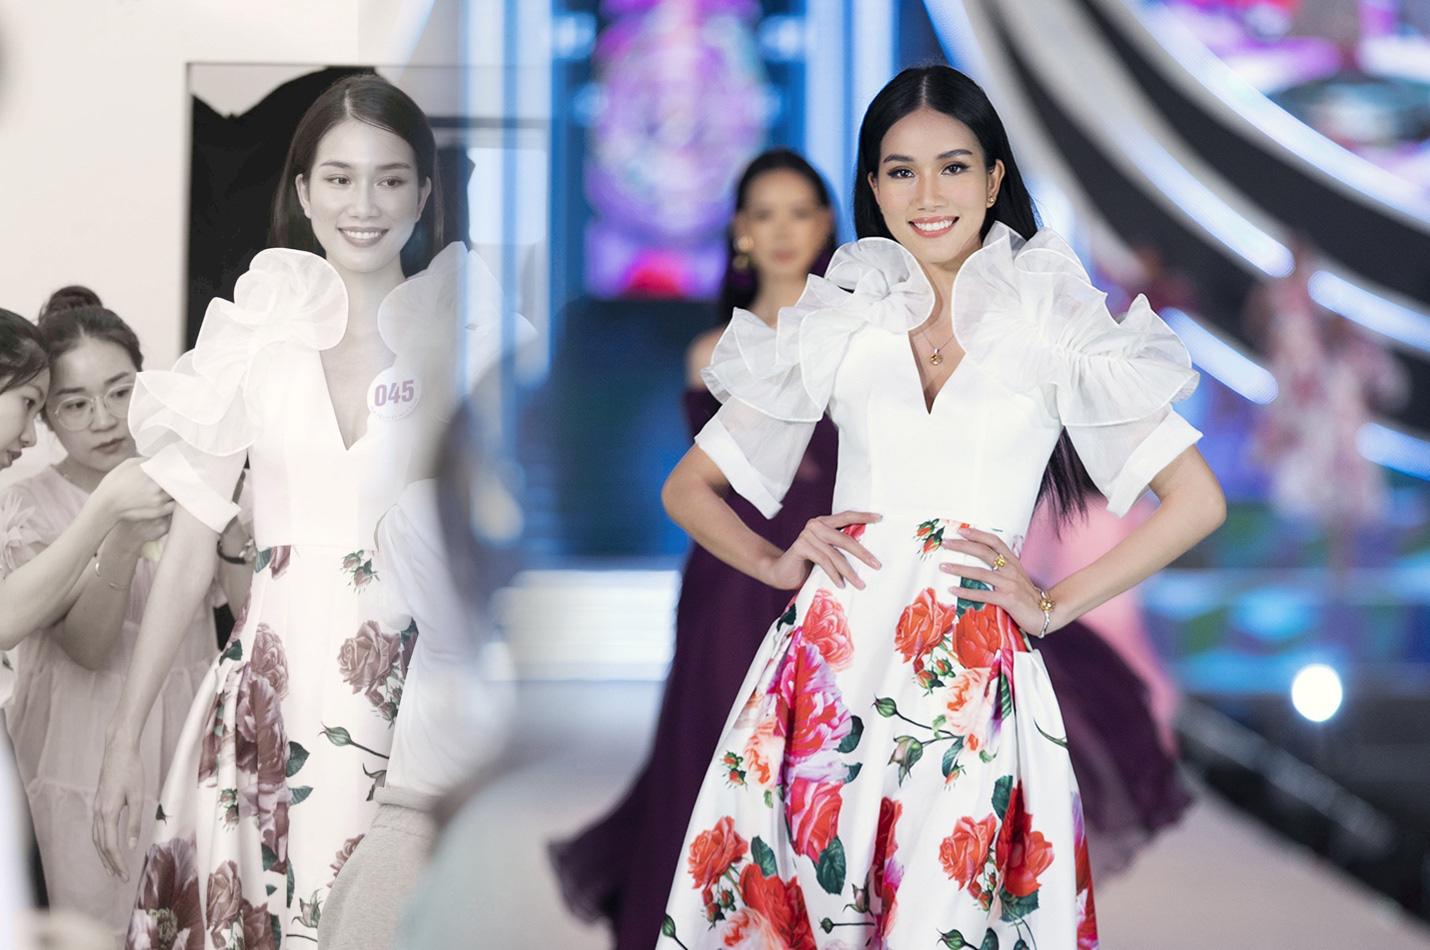 Những khoảnh khắc tỏa sáng của top 3 Hoa hậu Việt Nam cùng thời trang NEVA - Ảnh 3.